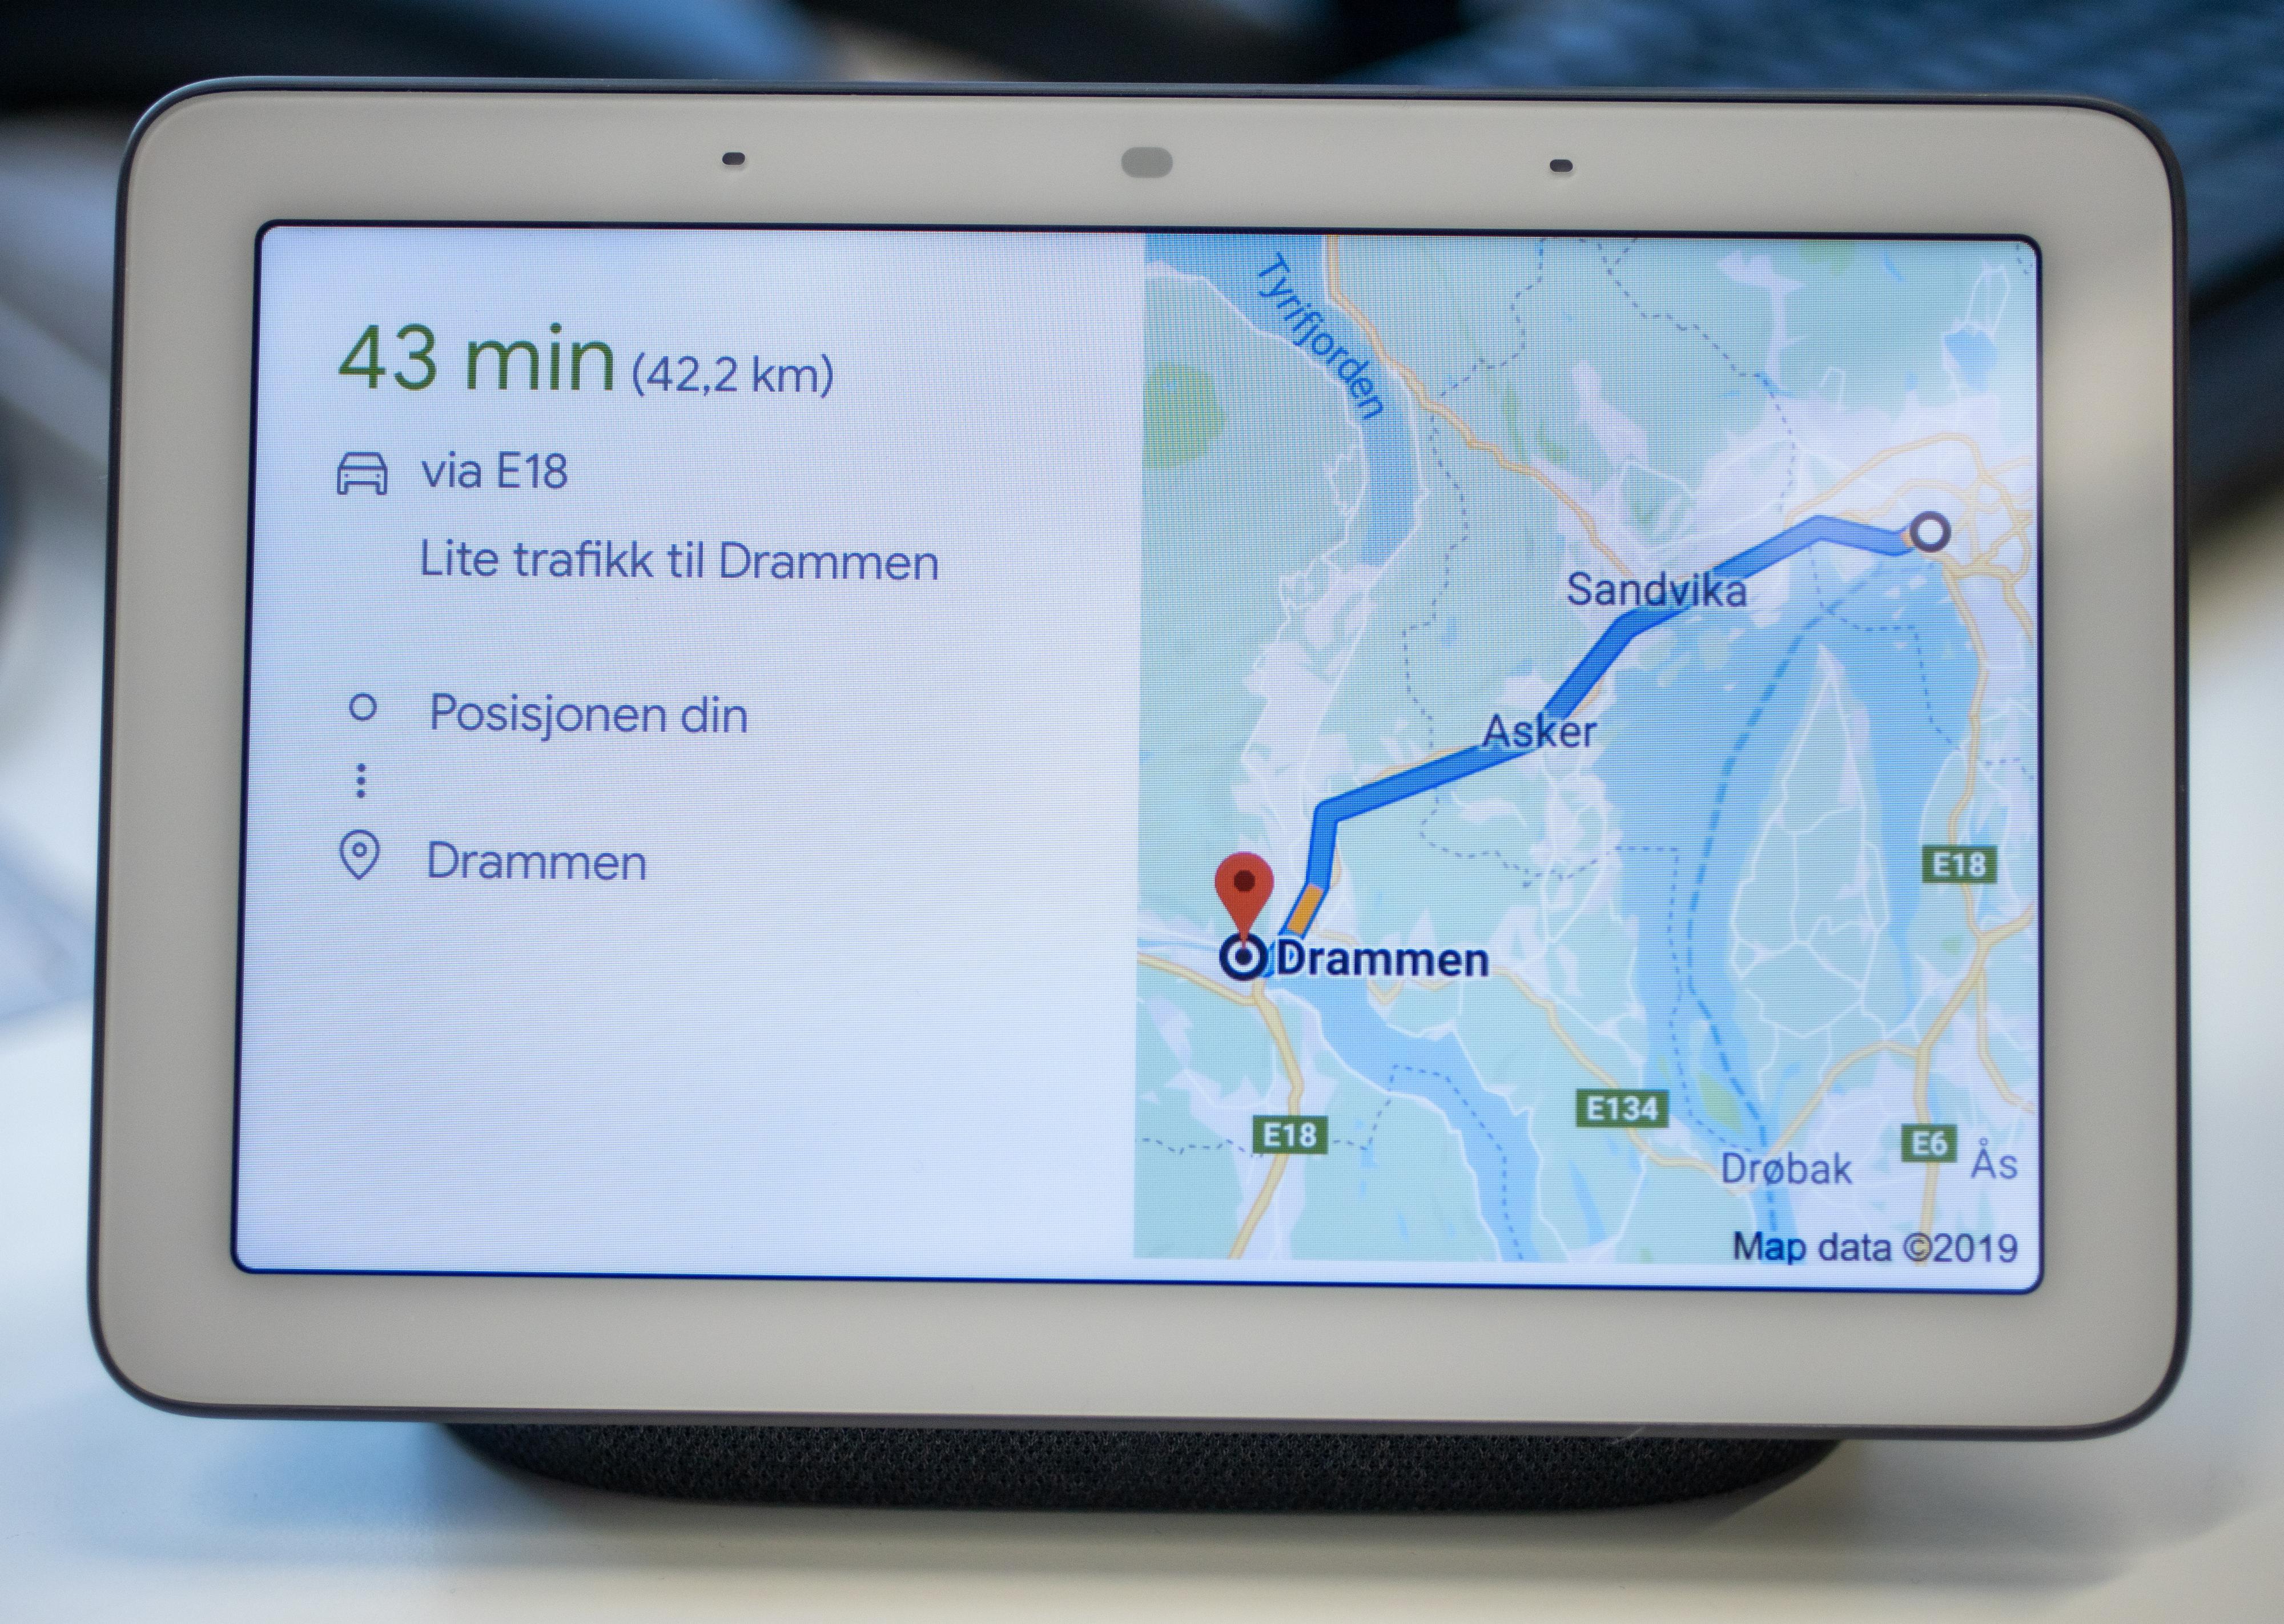 Enkle spørsmål om hvordan man kommer seg fra Oslo til Drammen går fint, men det er stort sett dét.